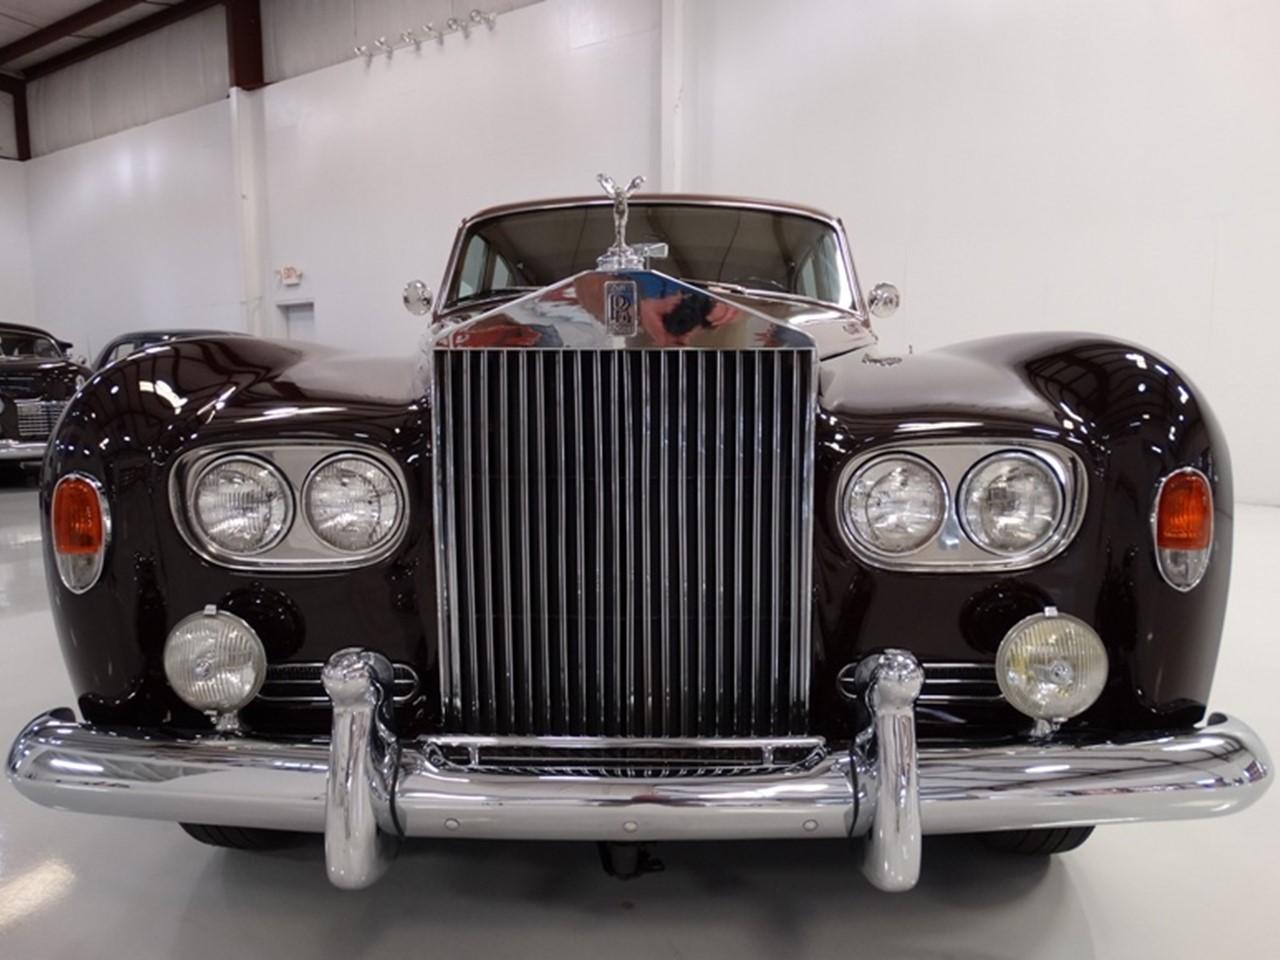 1965 Rolls Royce Silver Cloud   NotoriousLuxury